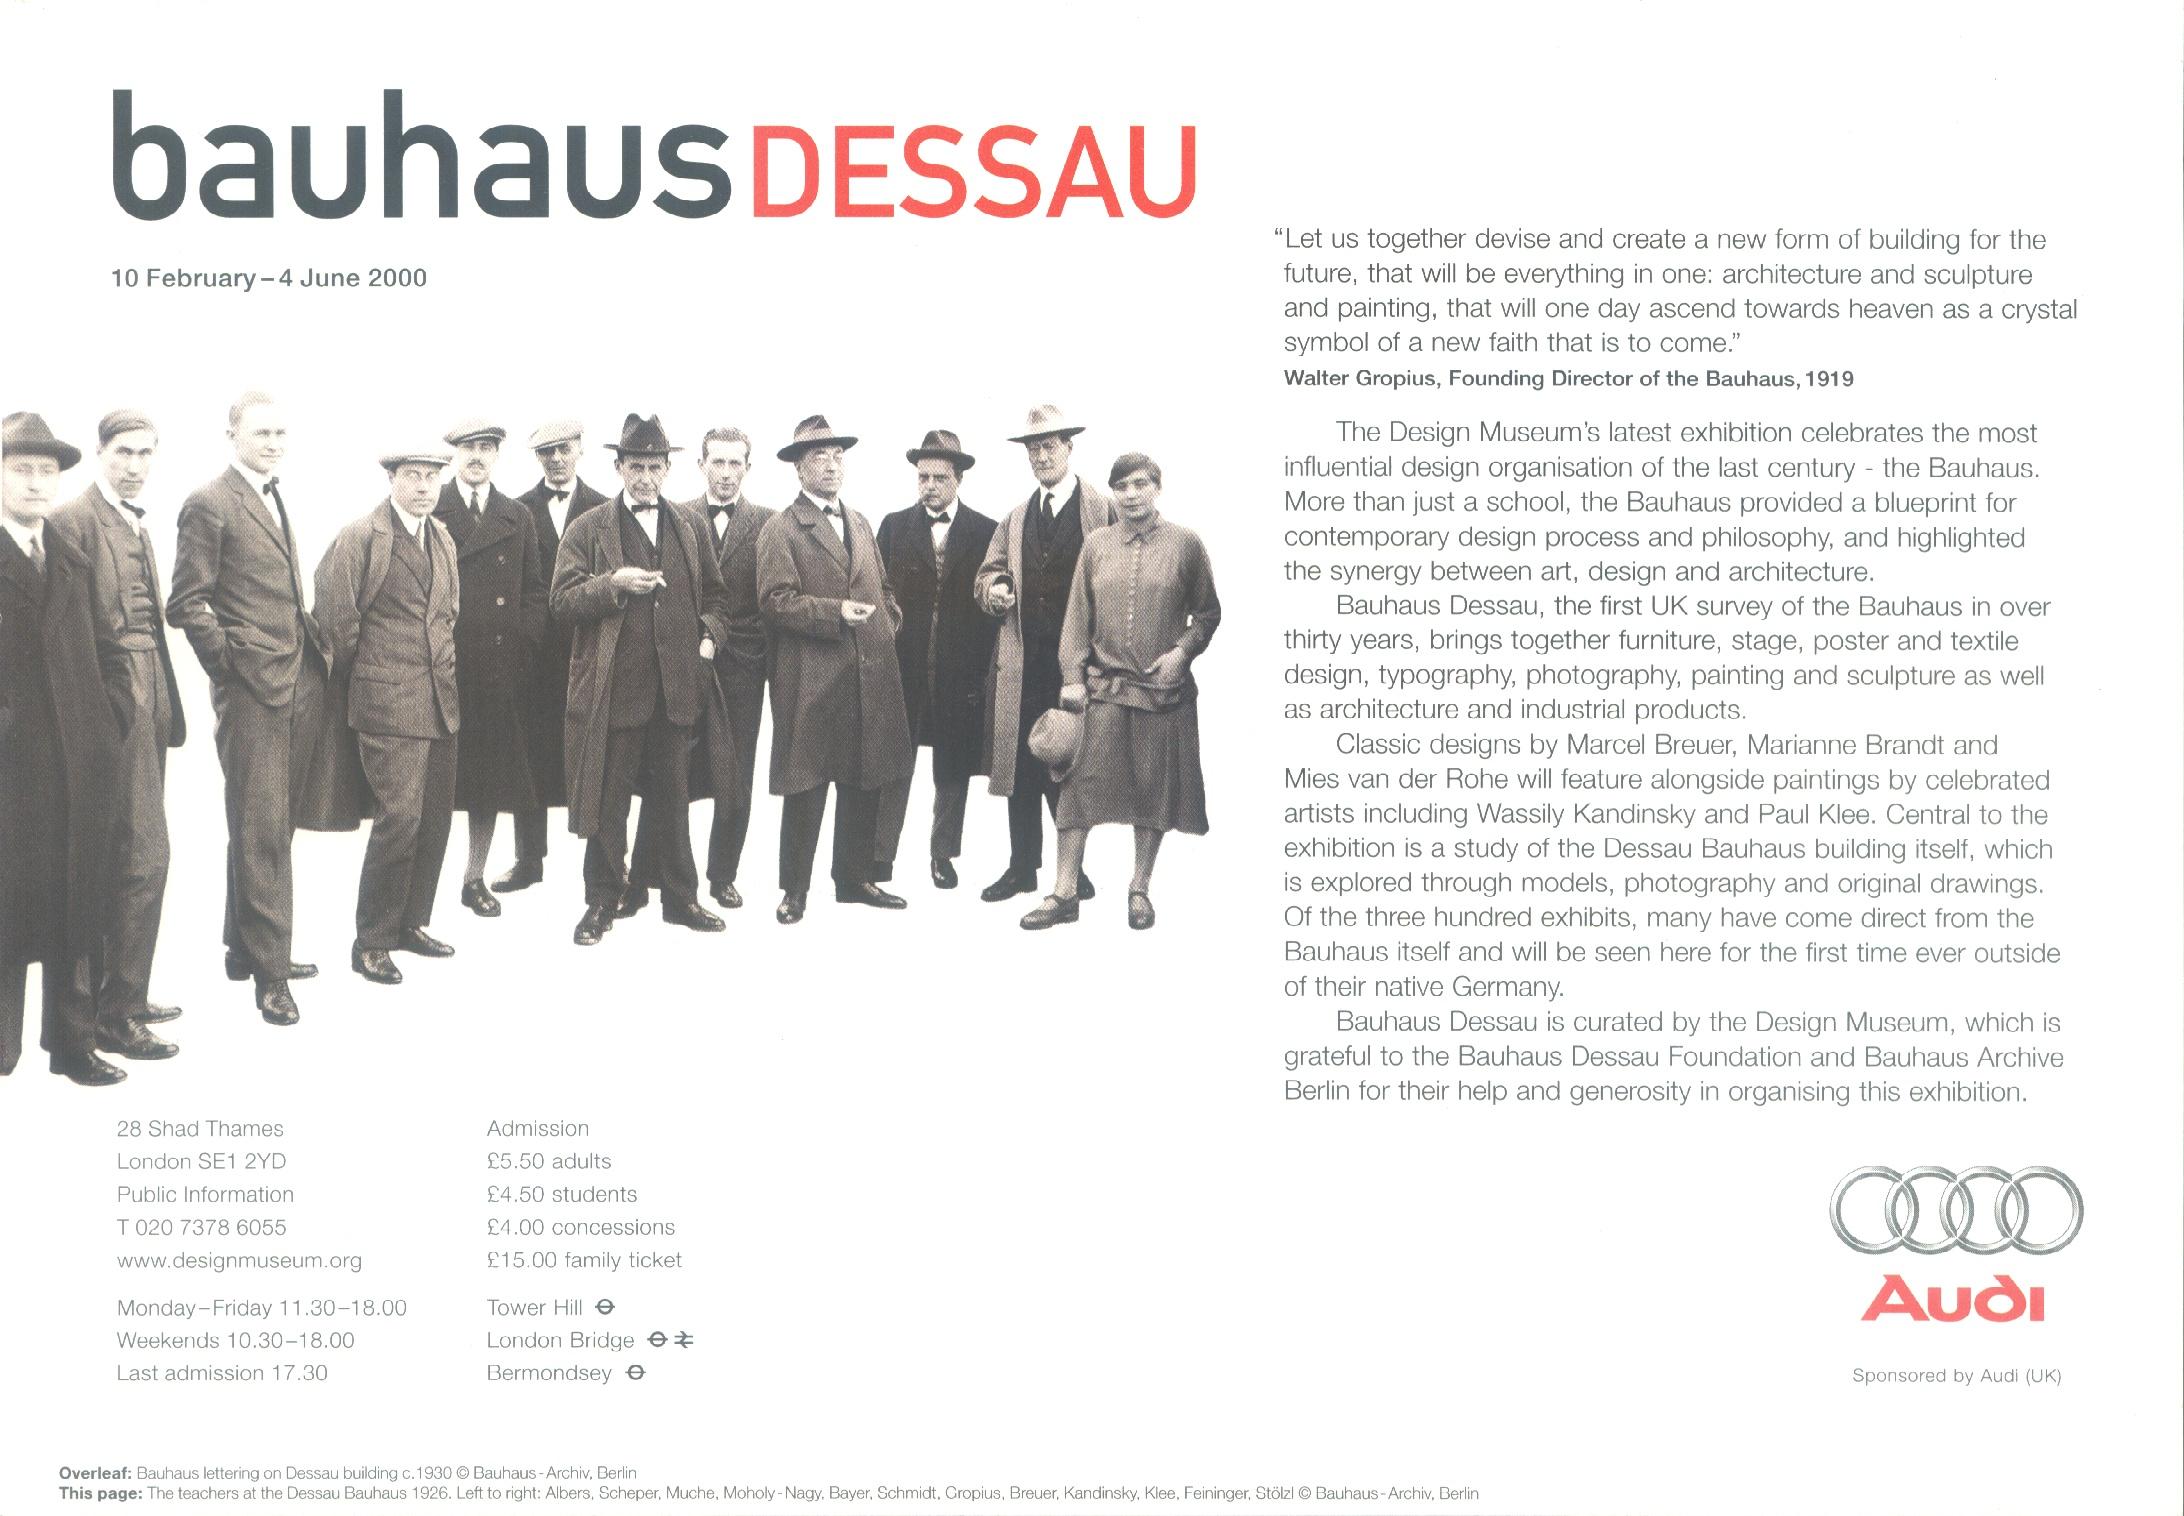 הבאוהאוס: אמנות המופע